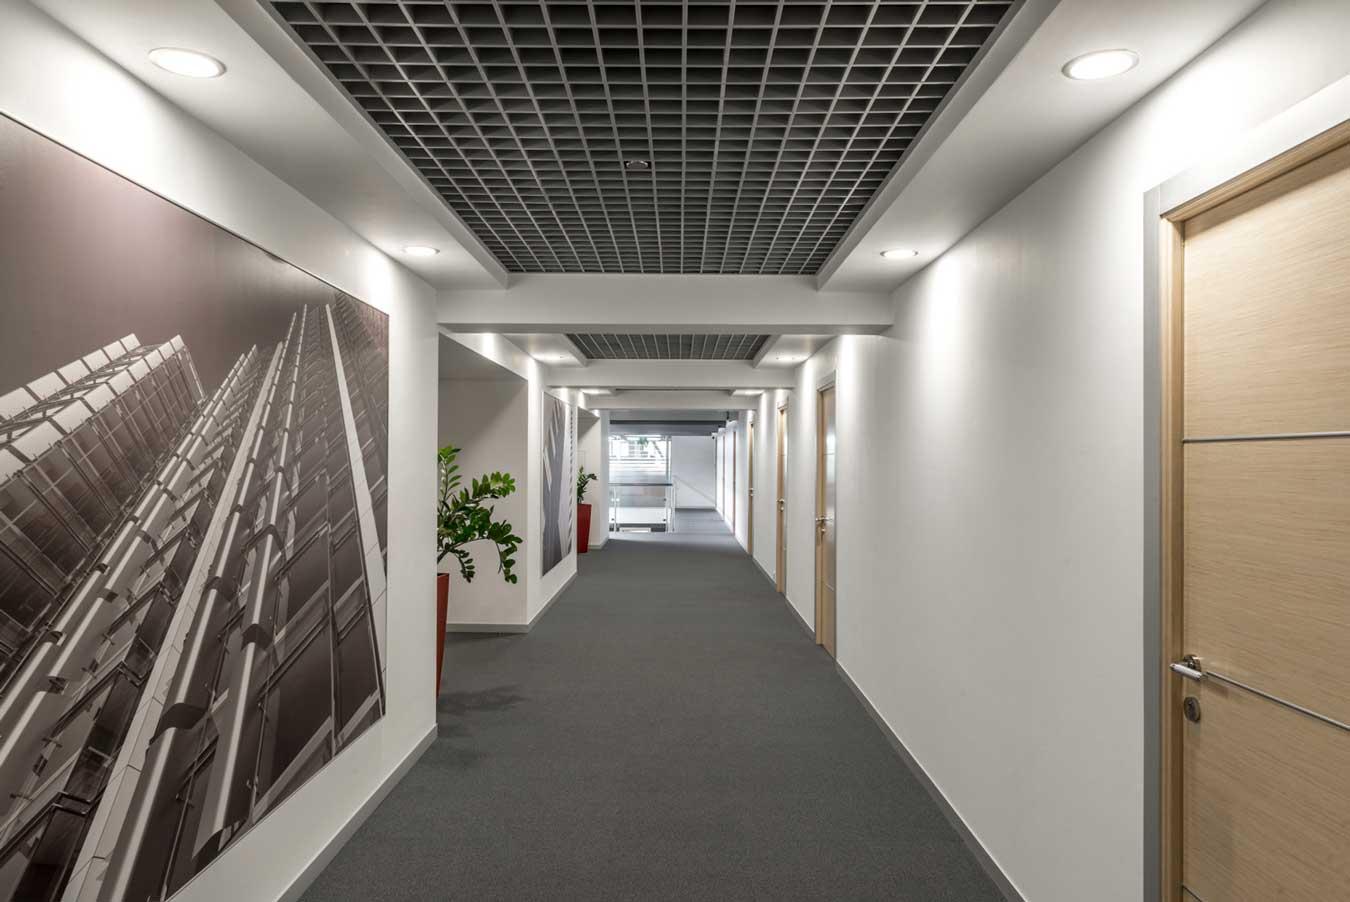 коридор 5 этаж2 (2187)